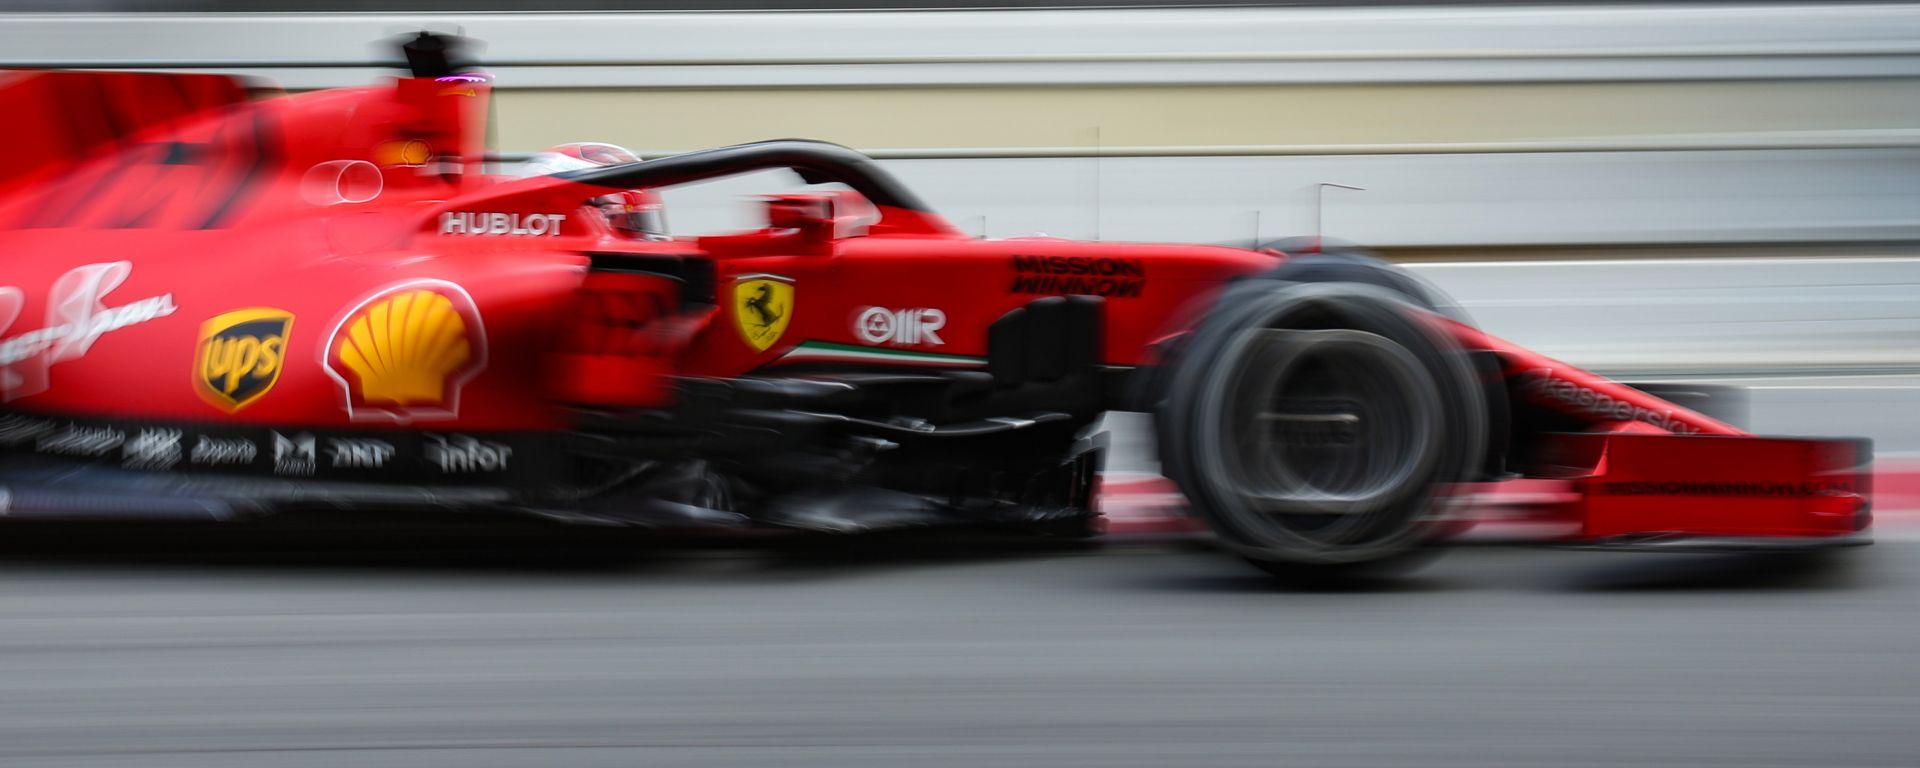 F1 2020, la Ferrari SF1000 durante i test precampionato di Barcellona